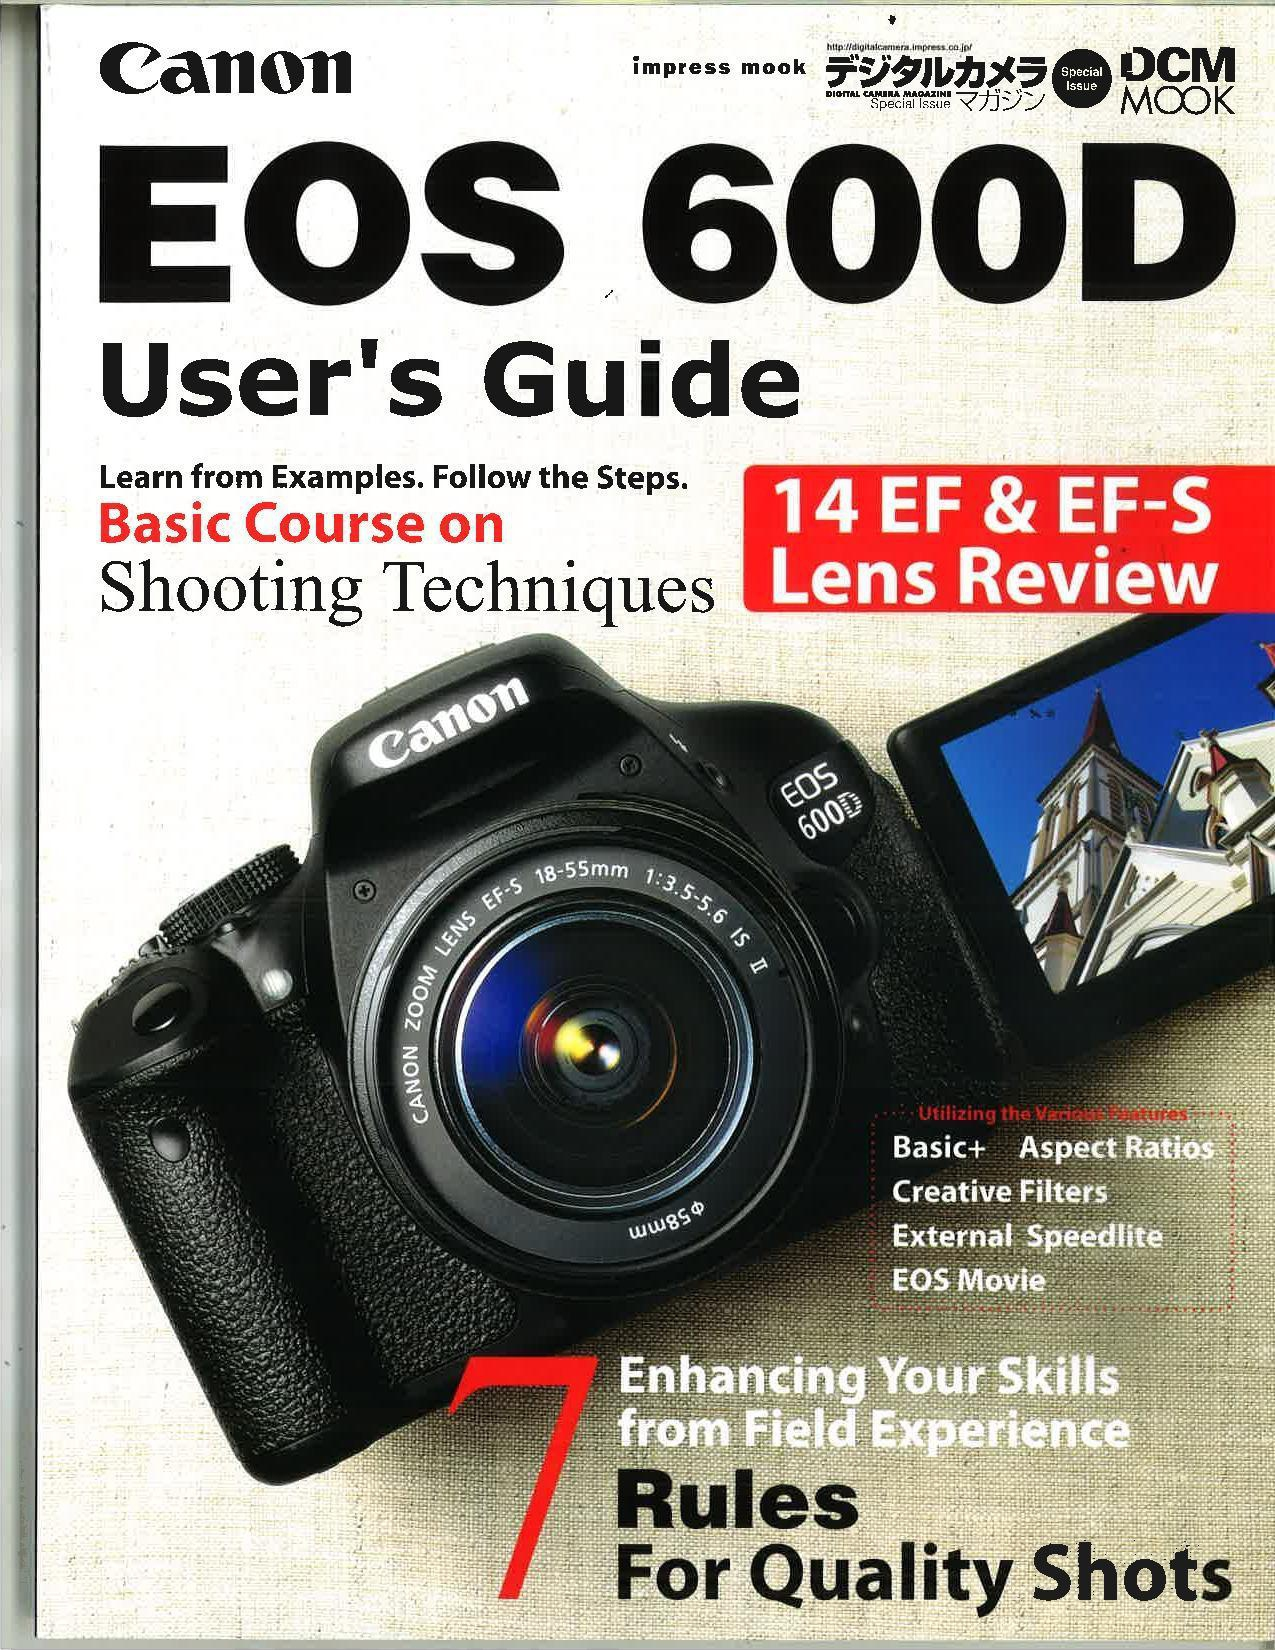 canon eos 600d user s guide end 5 4 2019 1 55 am rh lelong com my canon eos 600d user guide canon eos 600d user manual pdf